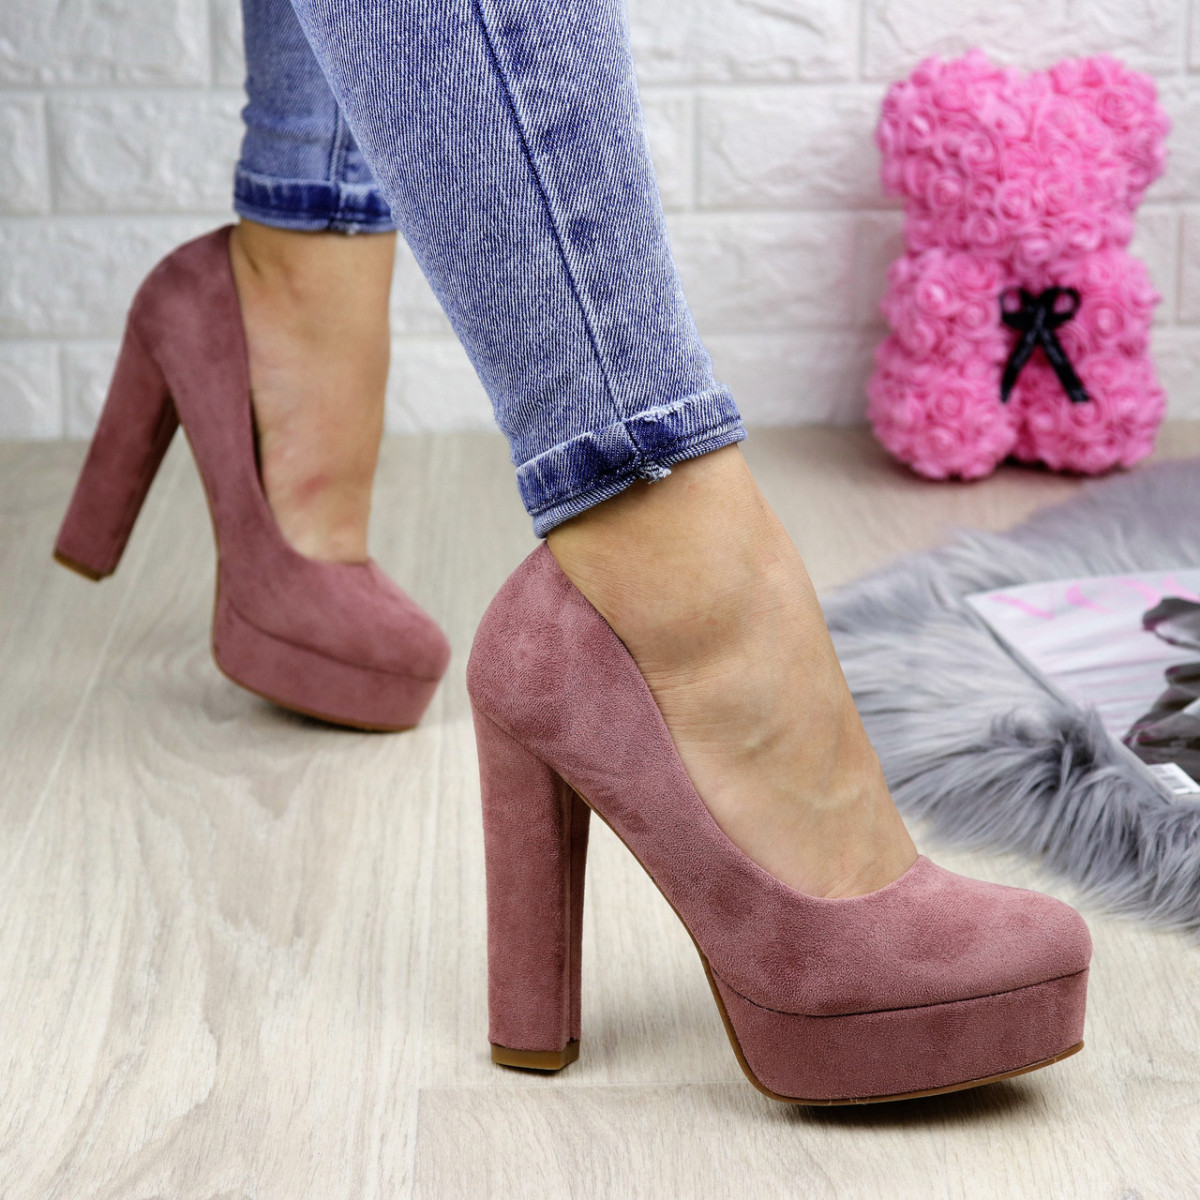 Туфли женские Alana пудровые на каблуках 1248